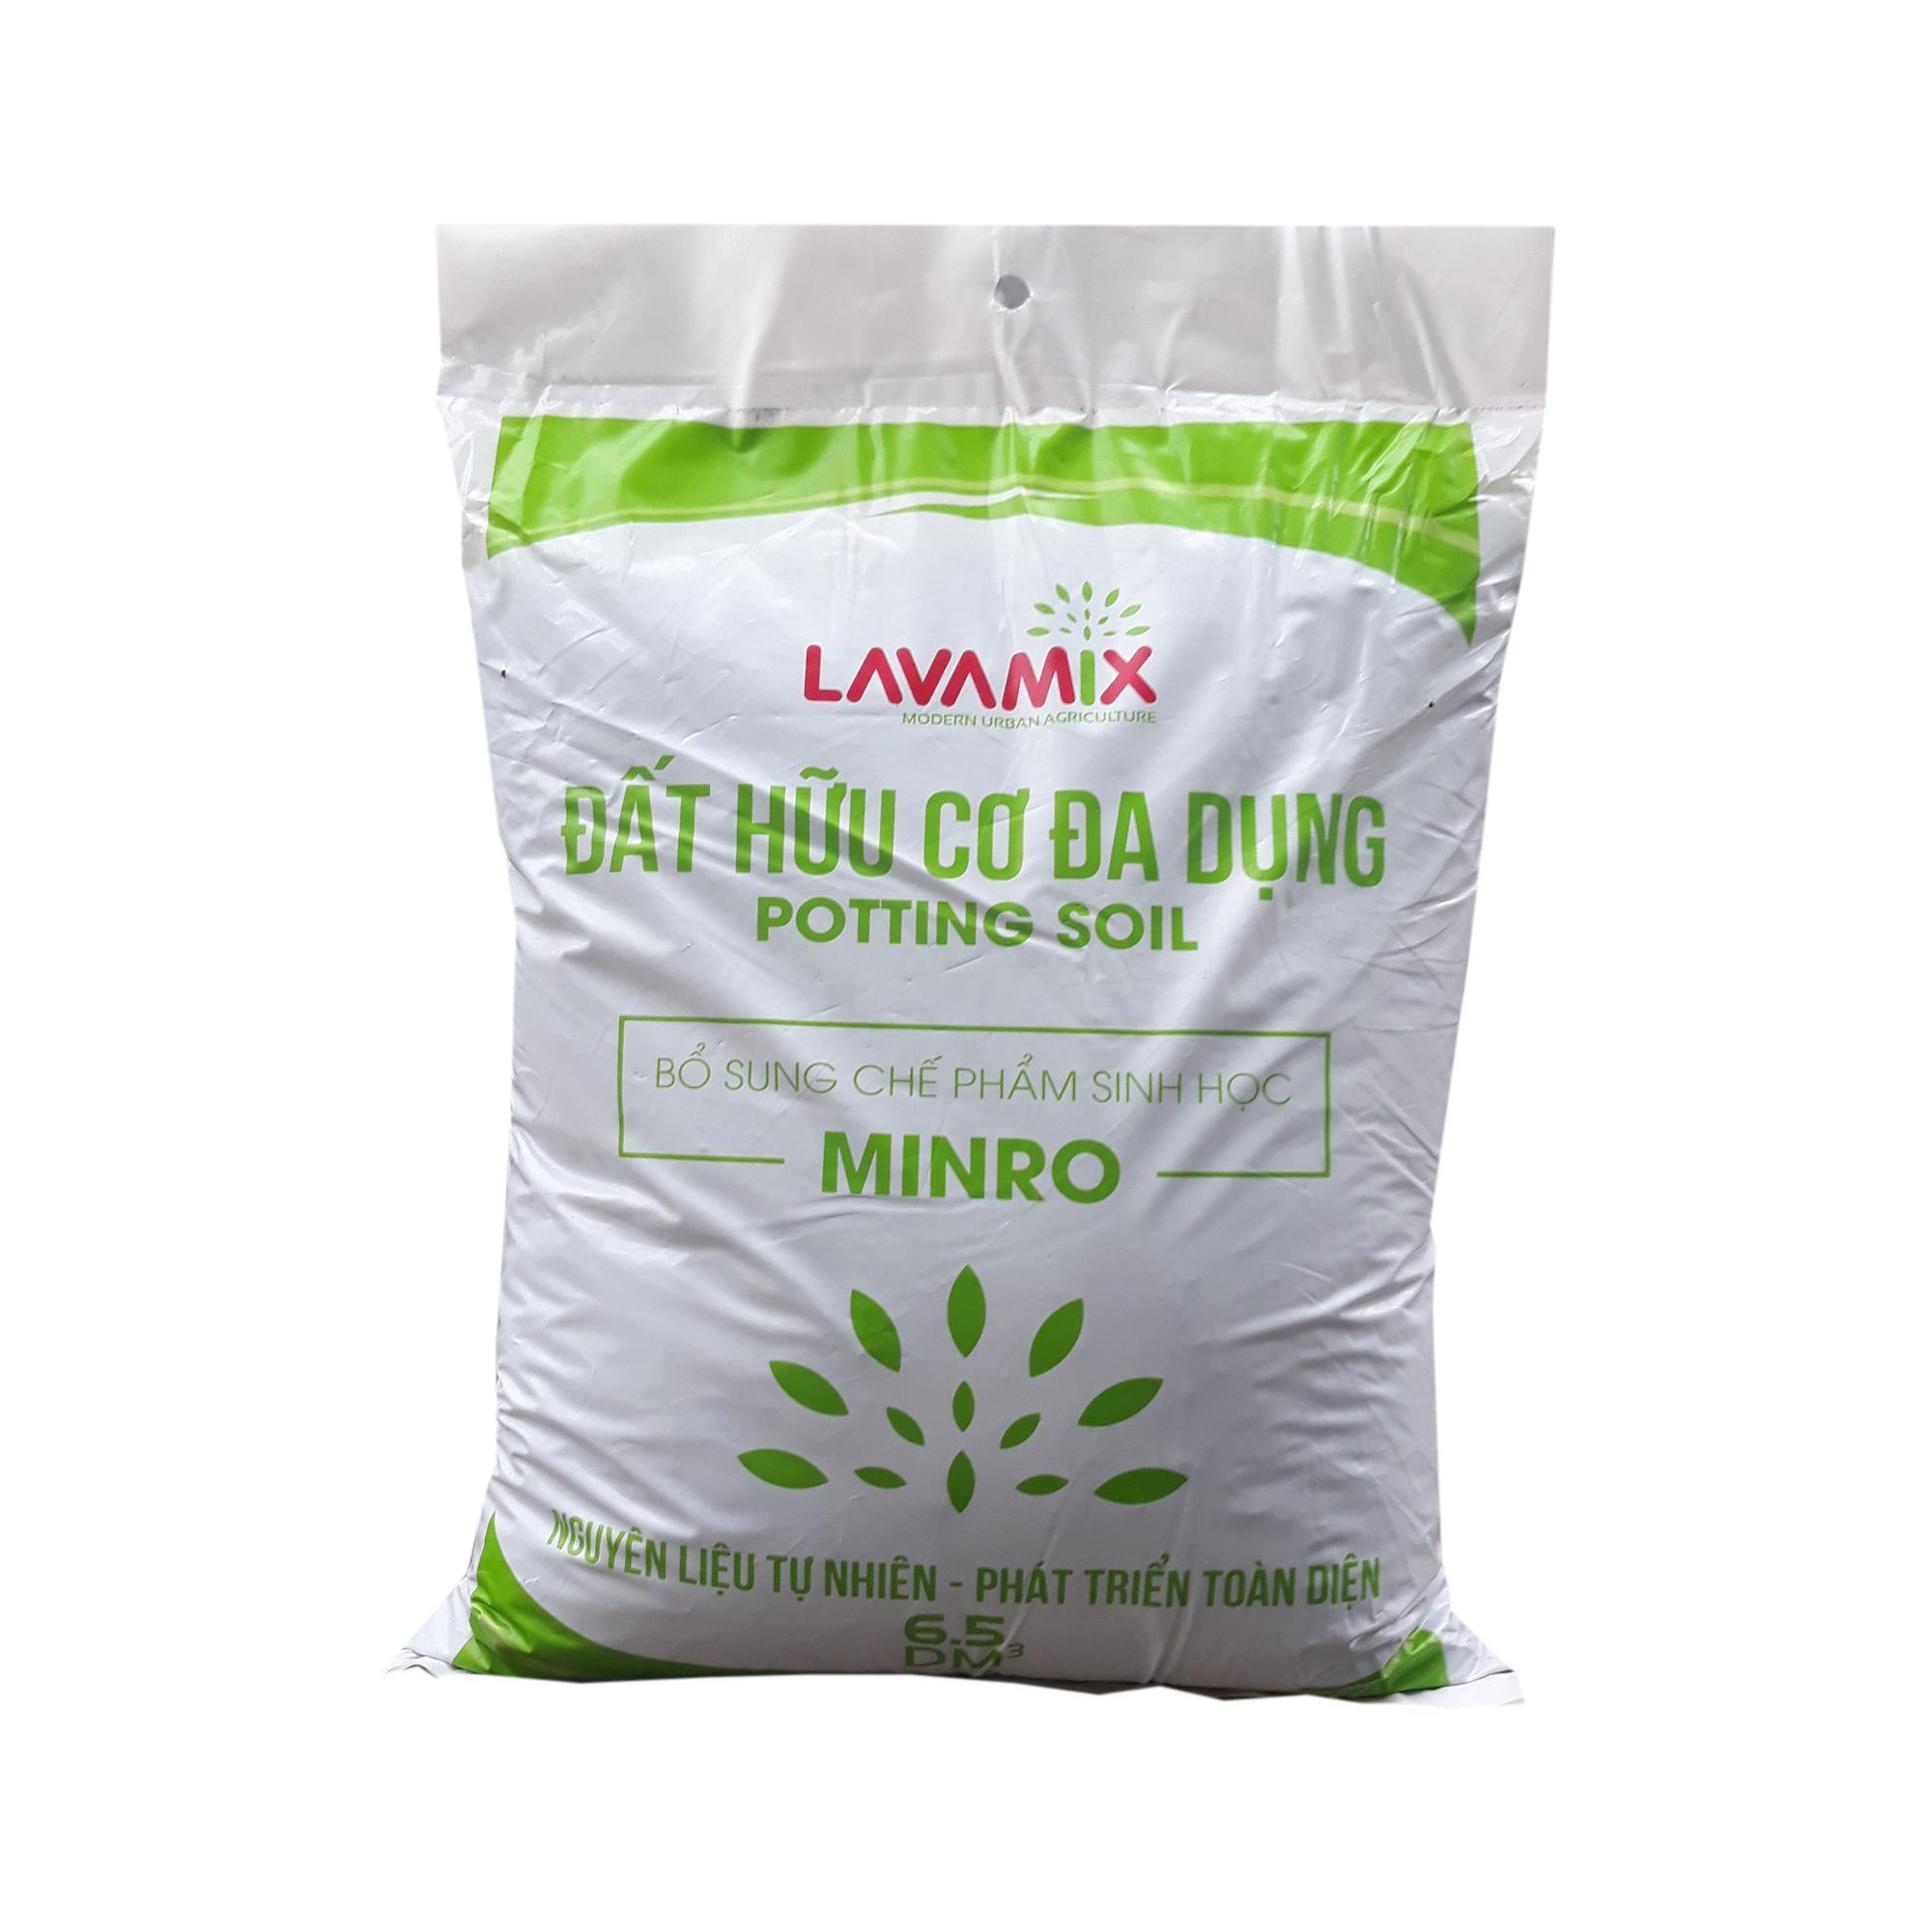 Hình ảnh Đất sạch cao cấp giàu dinh dưỡng (6.5dm3) - Lavamix (2018)